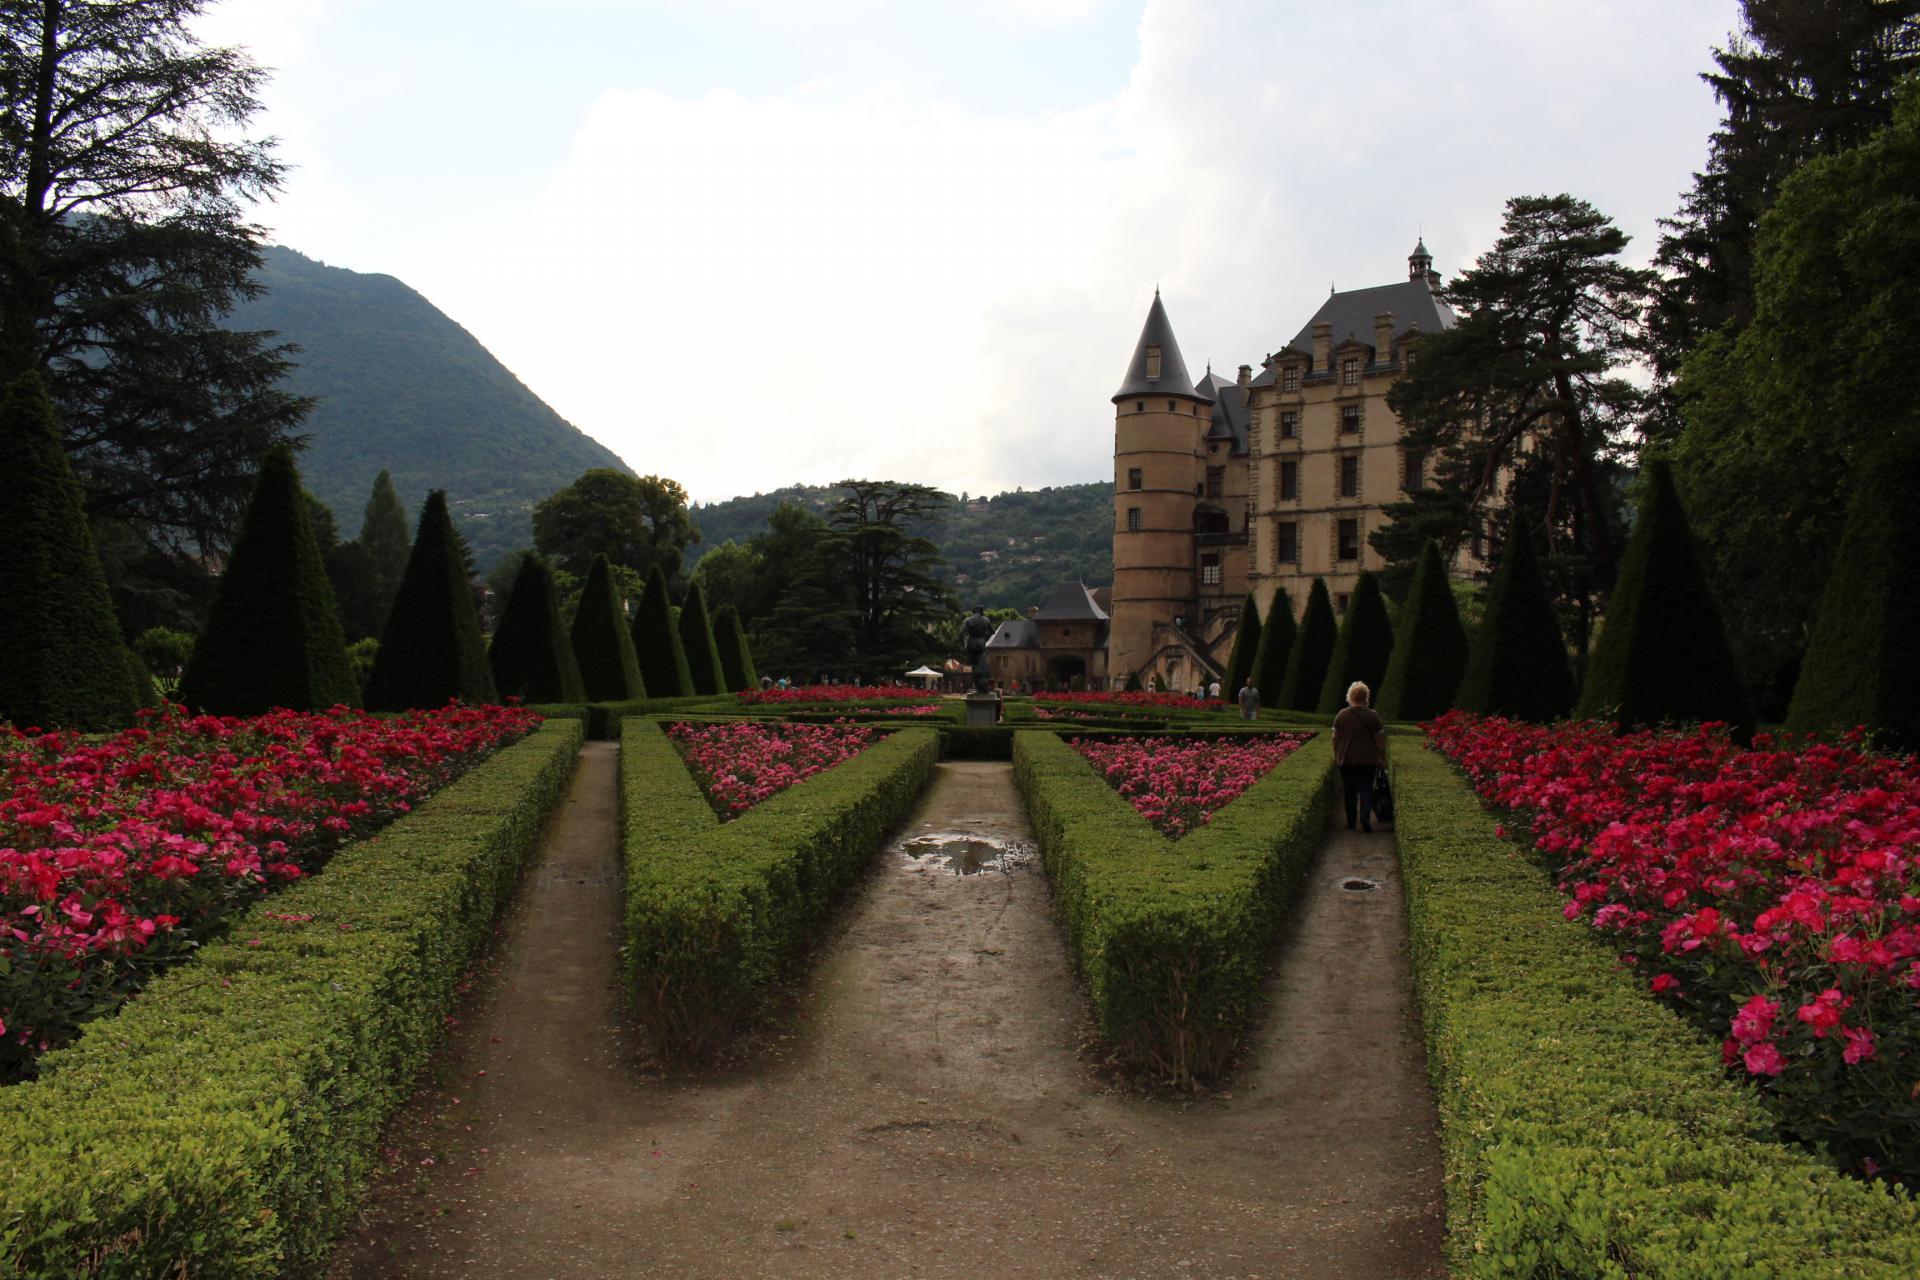 Garden of Vizille